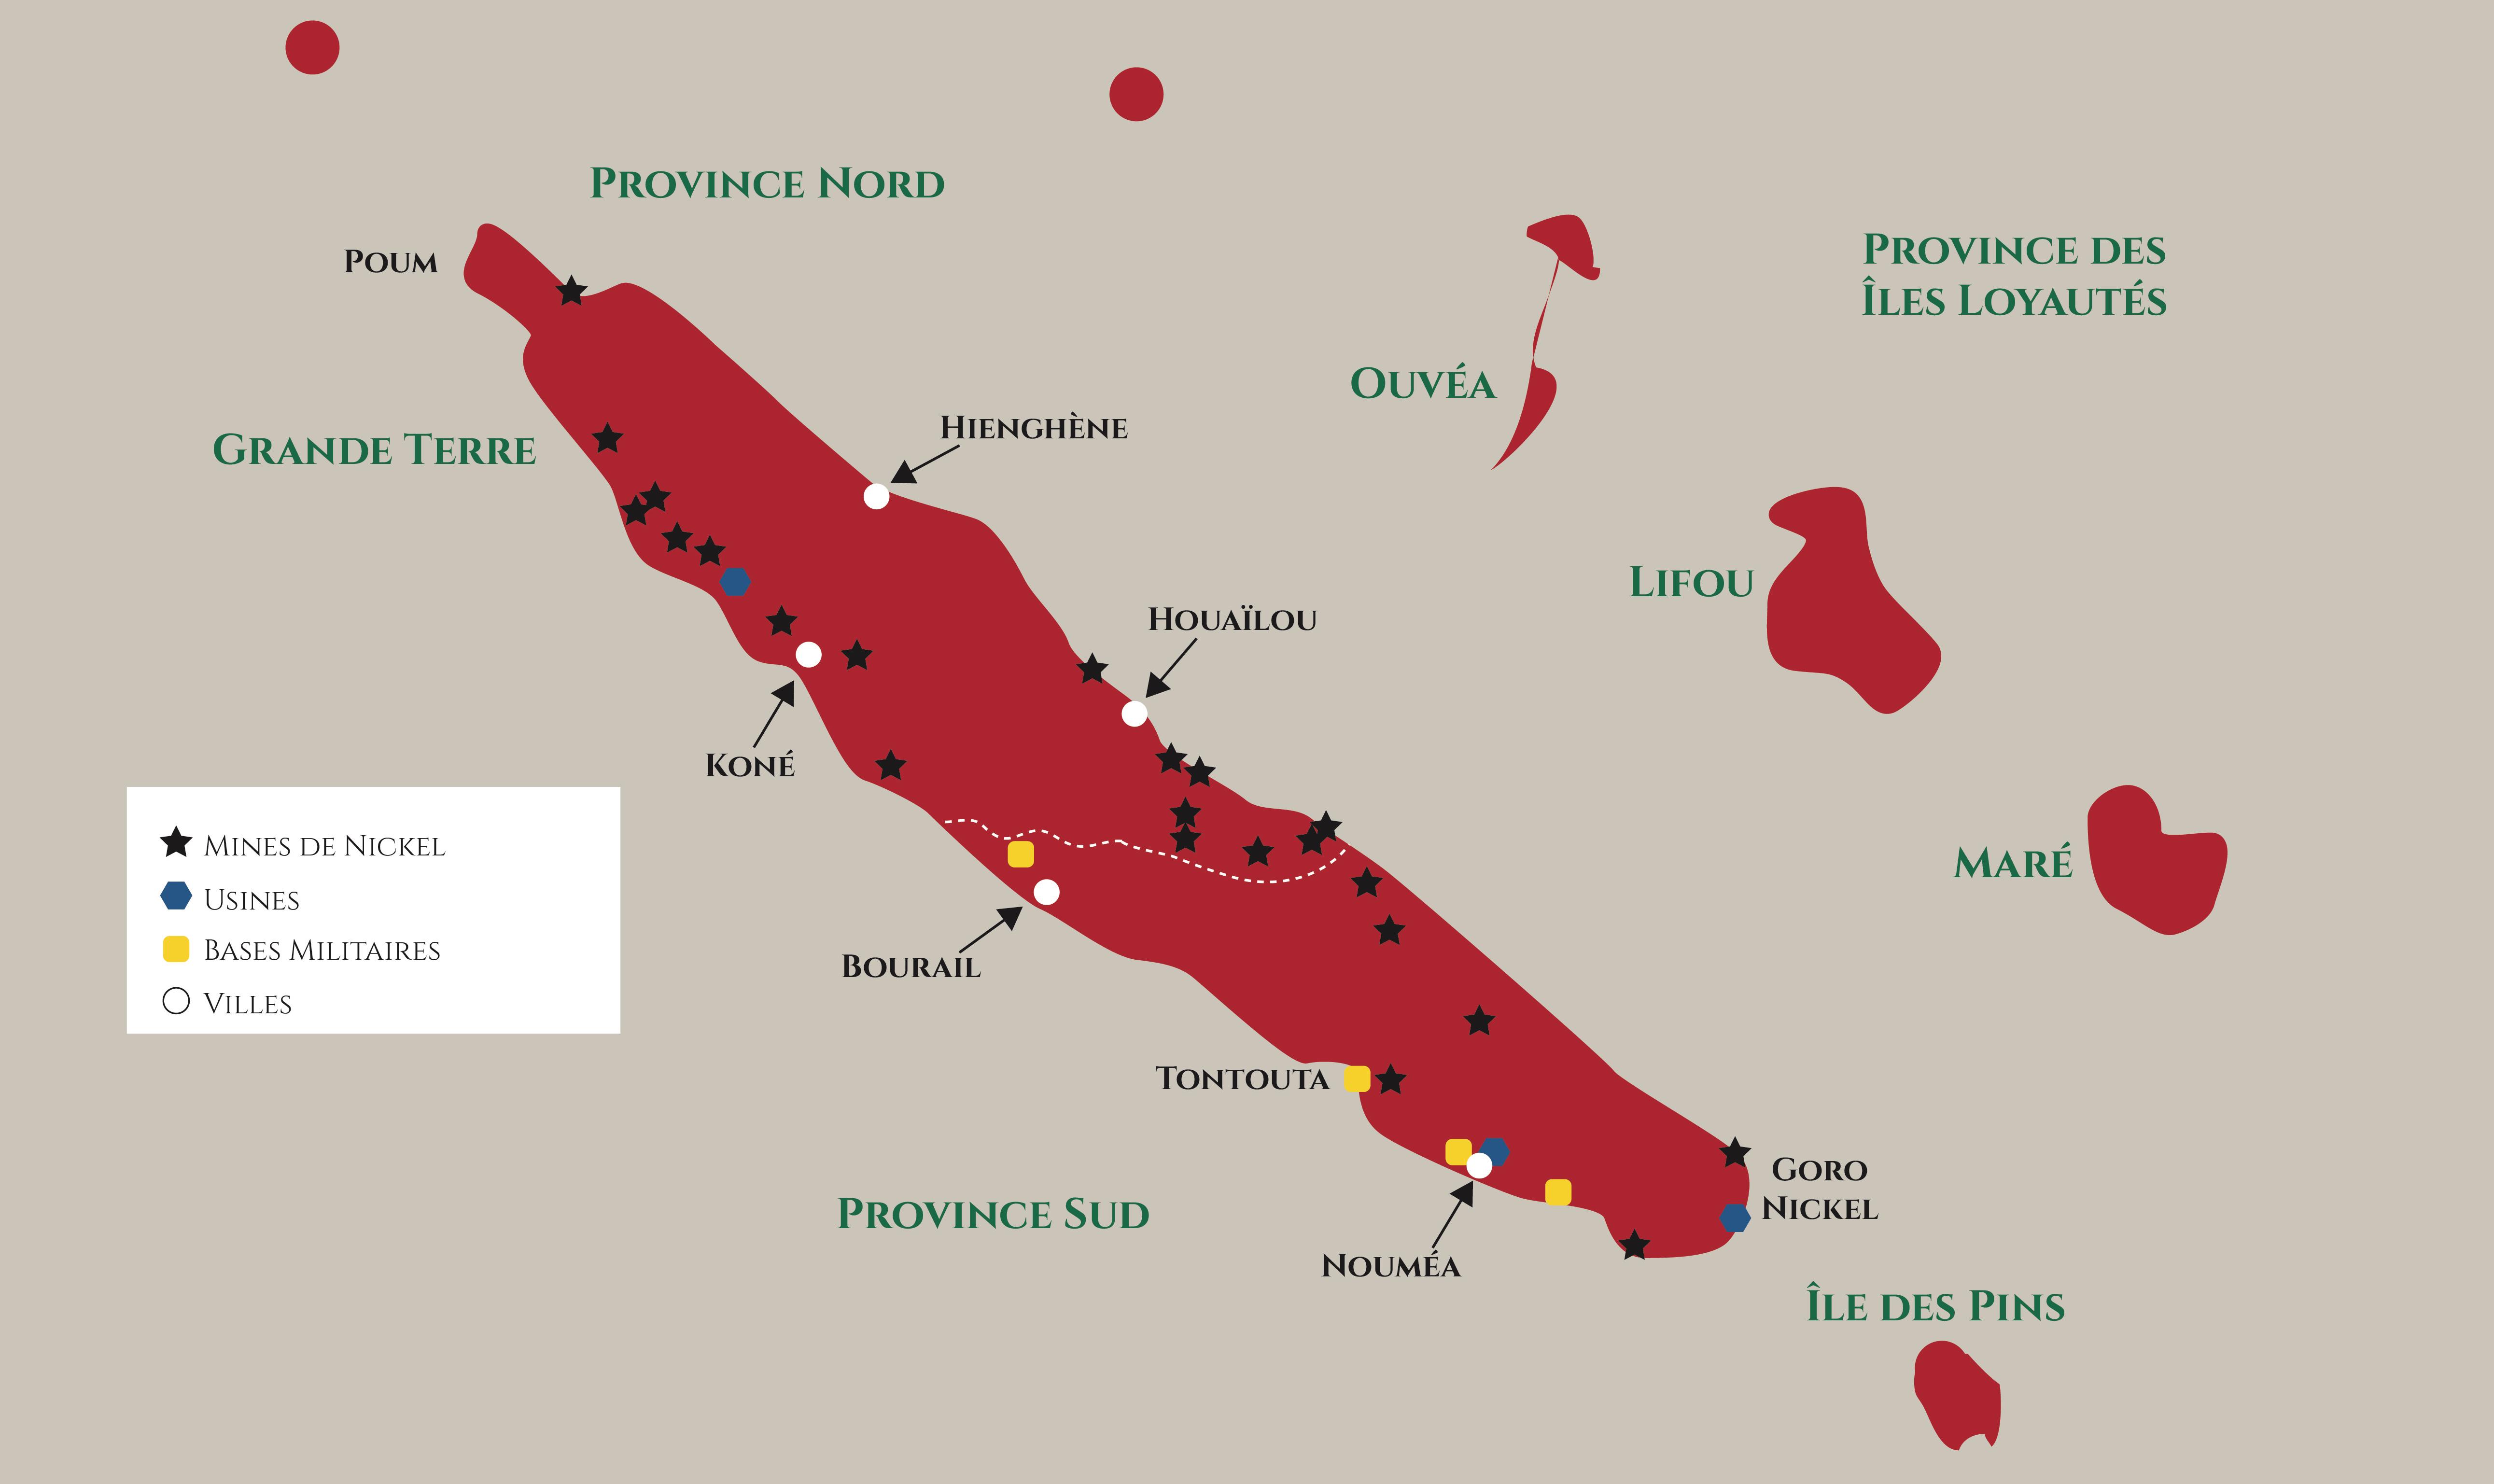 Mines de Nickel - Nouvelle-Calédonie